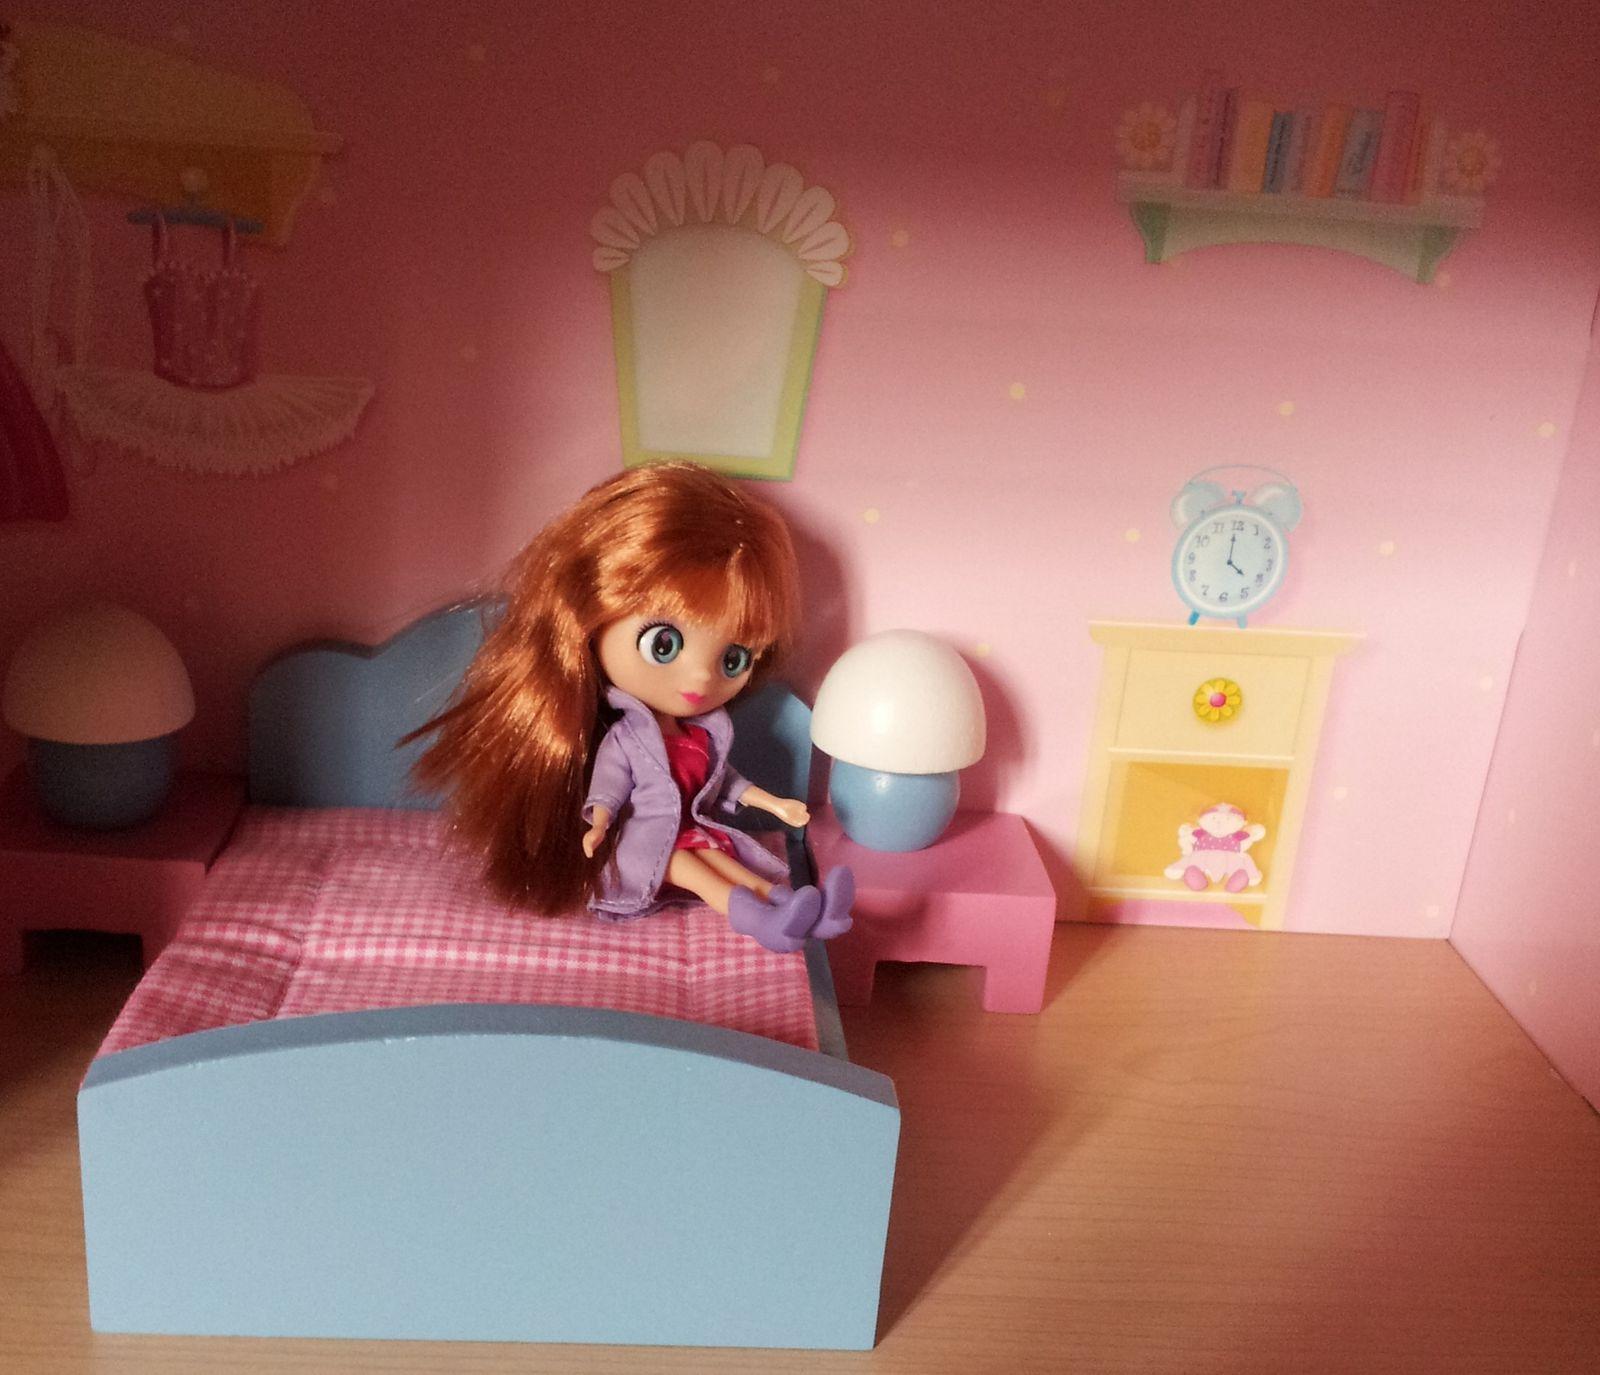 Et dans la chambre... on pourrait rajouter quelques meubles ! C'est vrai quoi, il faut pouvoir loger les copines !